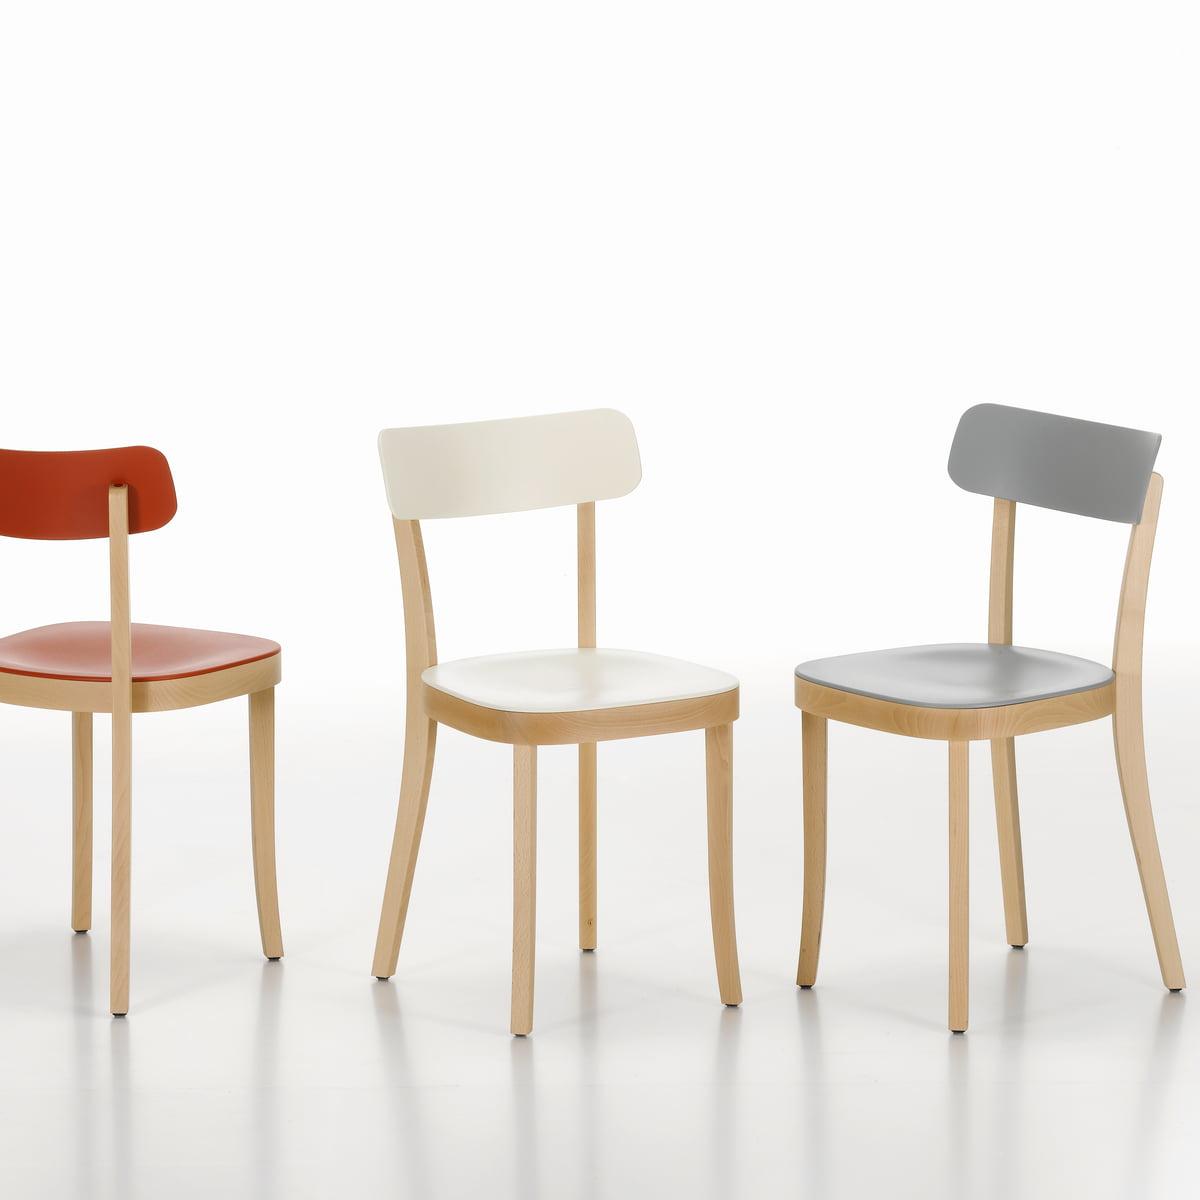 Basel Chair Vitra – Vitra 03 Chair